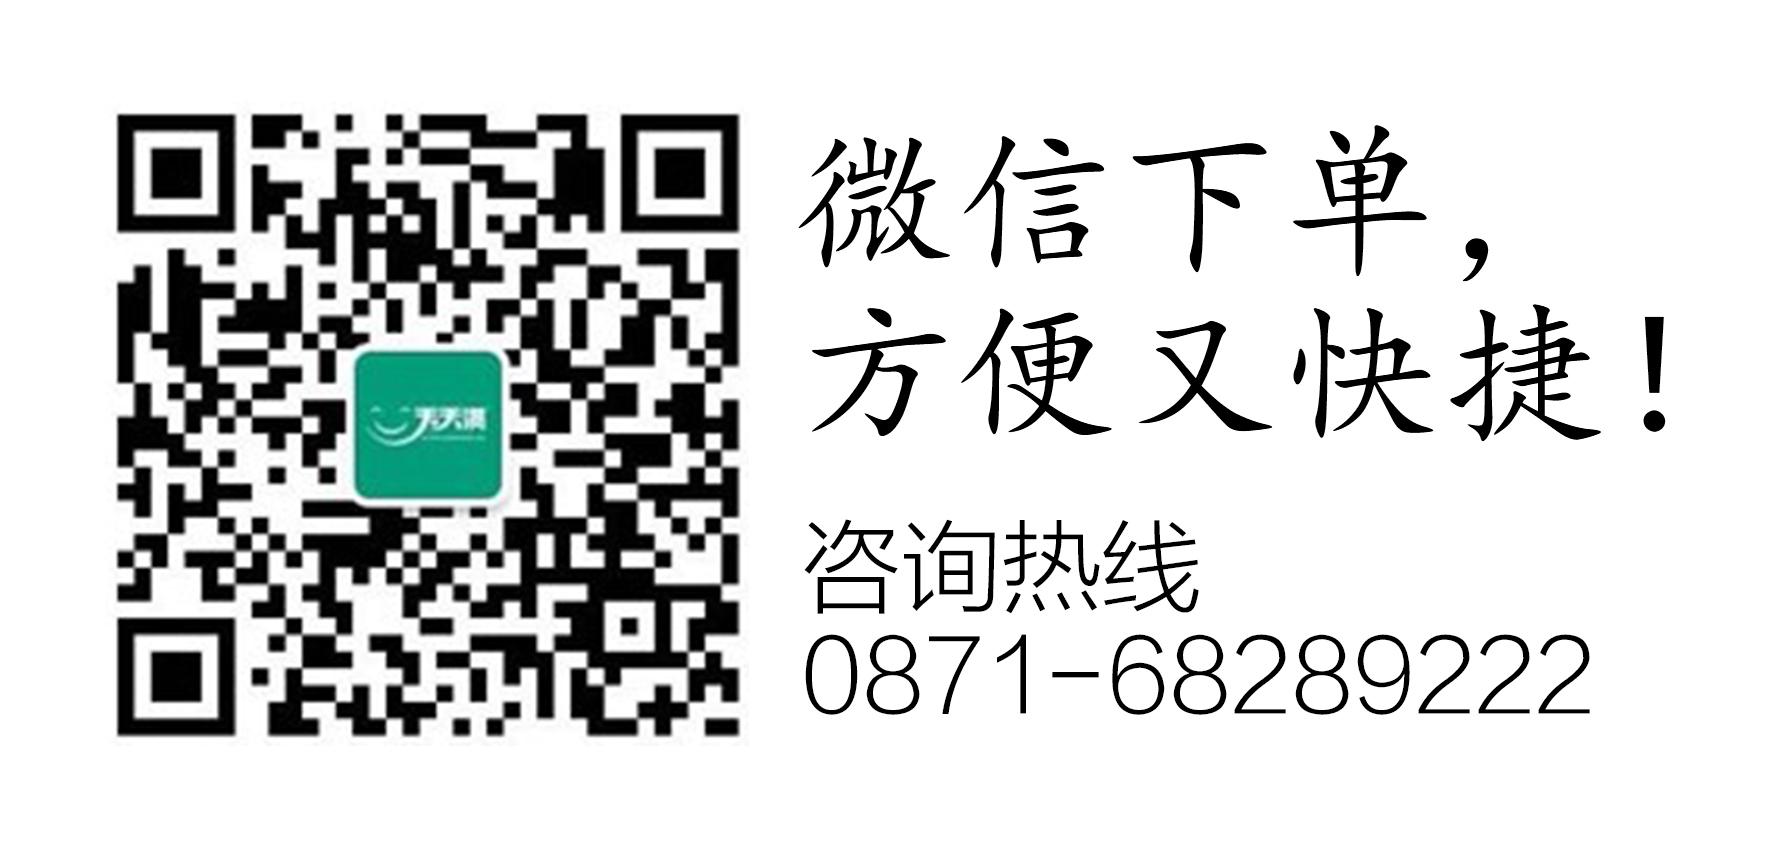 微信公众平台下单,方便快捷!